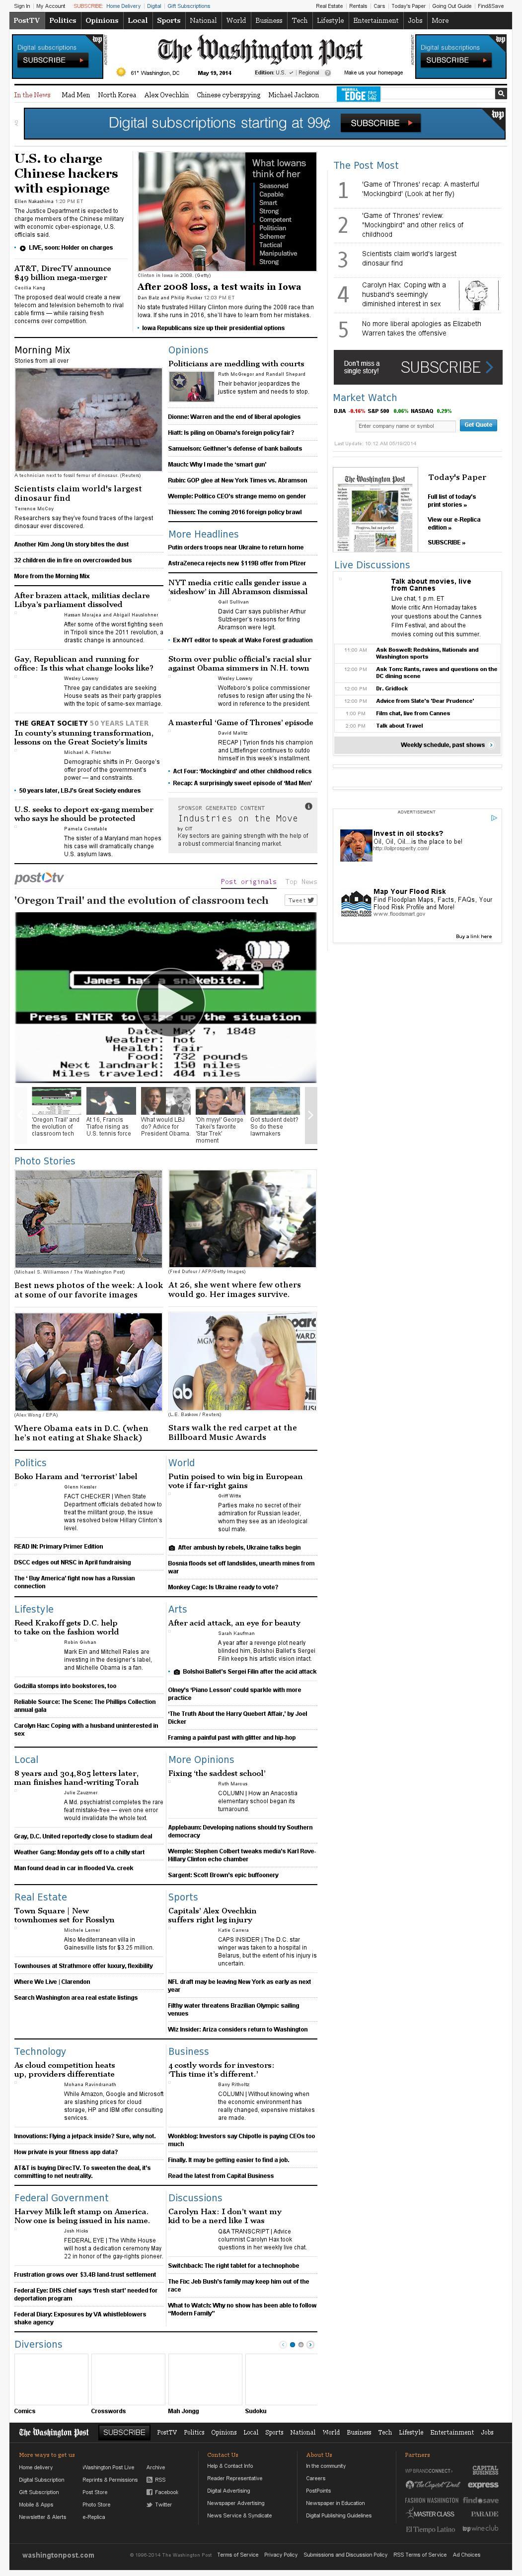 The Washington Post at Monday May 19, 2014, 2:24 p.m. UTC